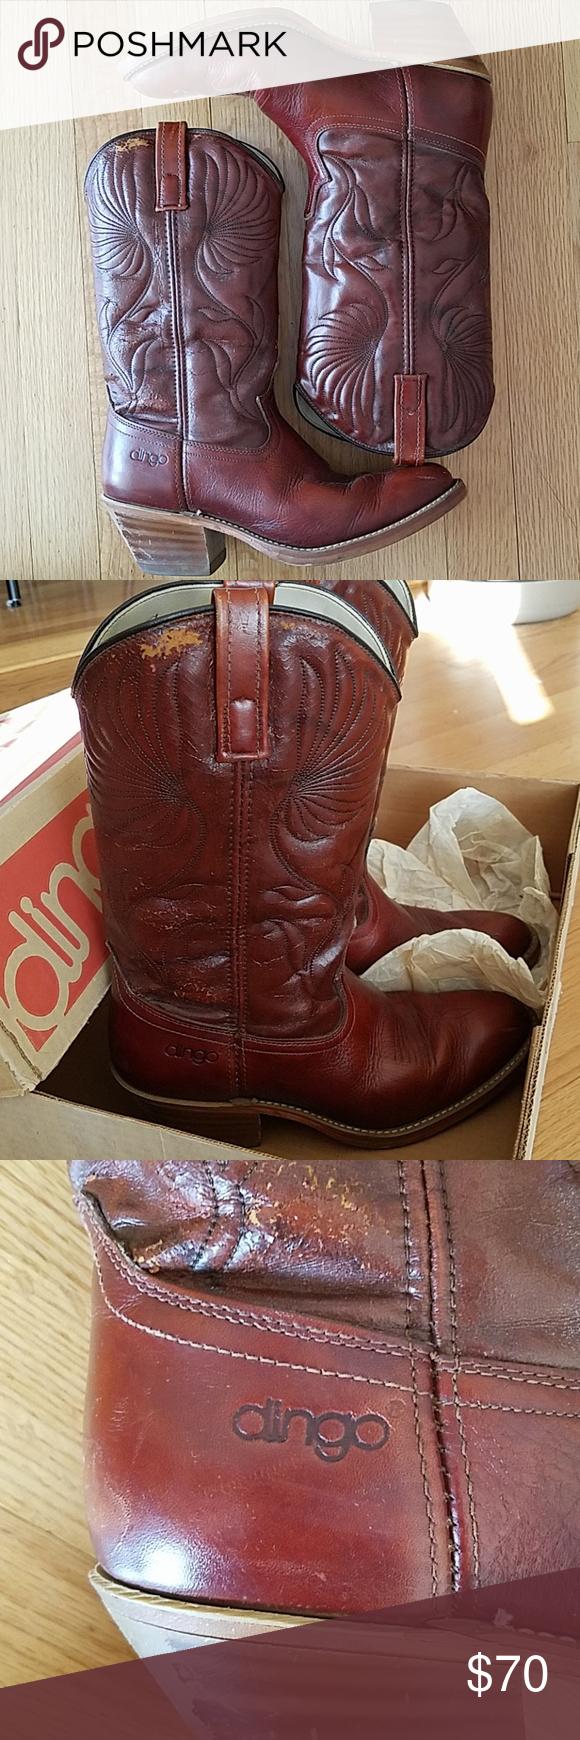 878c51f347b Vintage Dingo Men's Cowboy Boots Vintage Dingo Men's Cowboy Boots ...